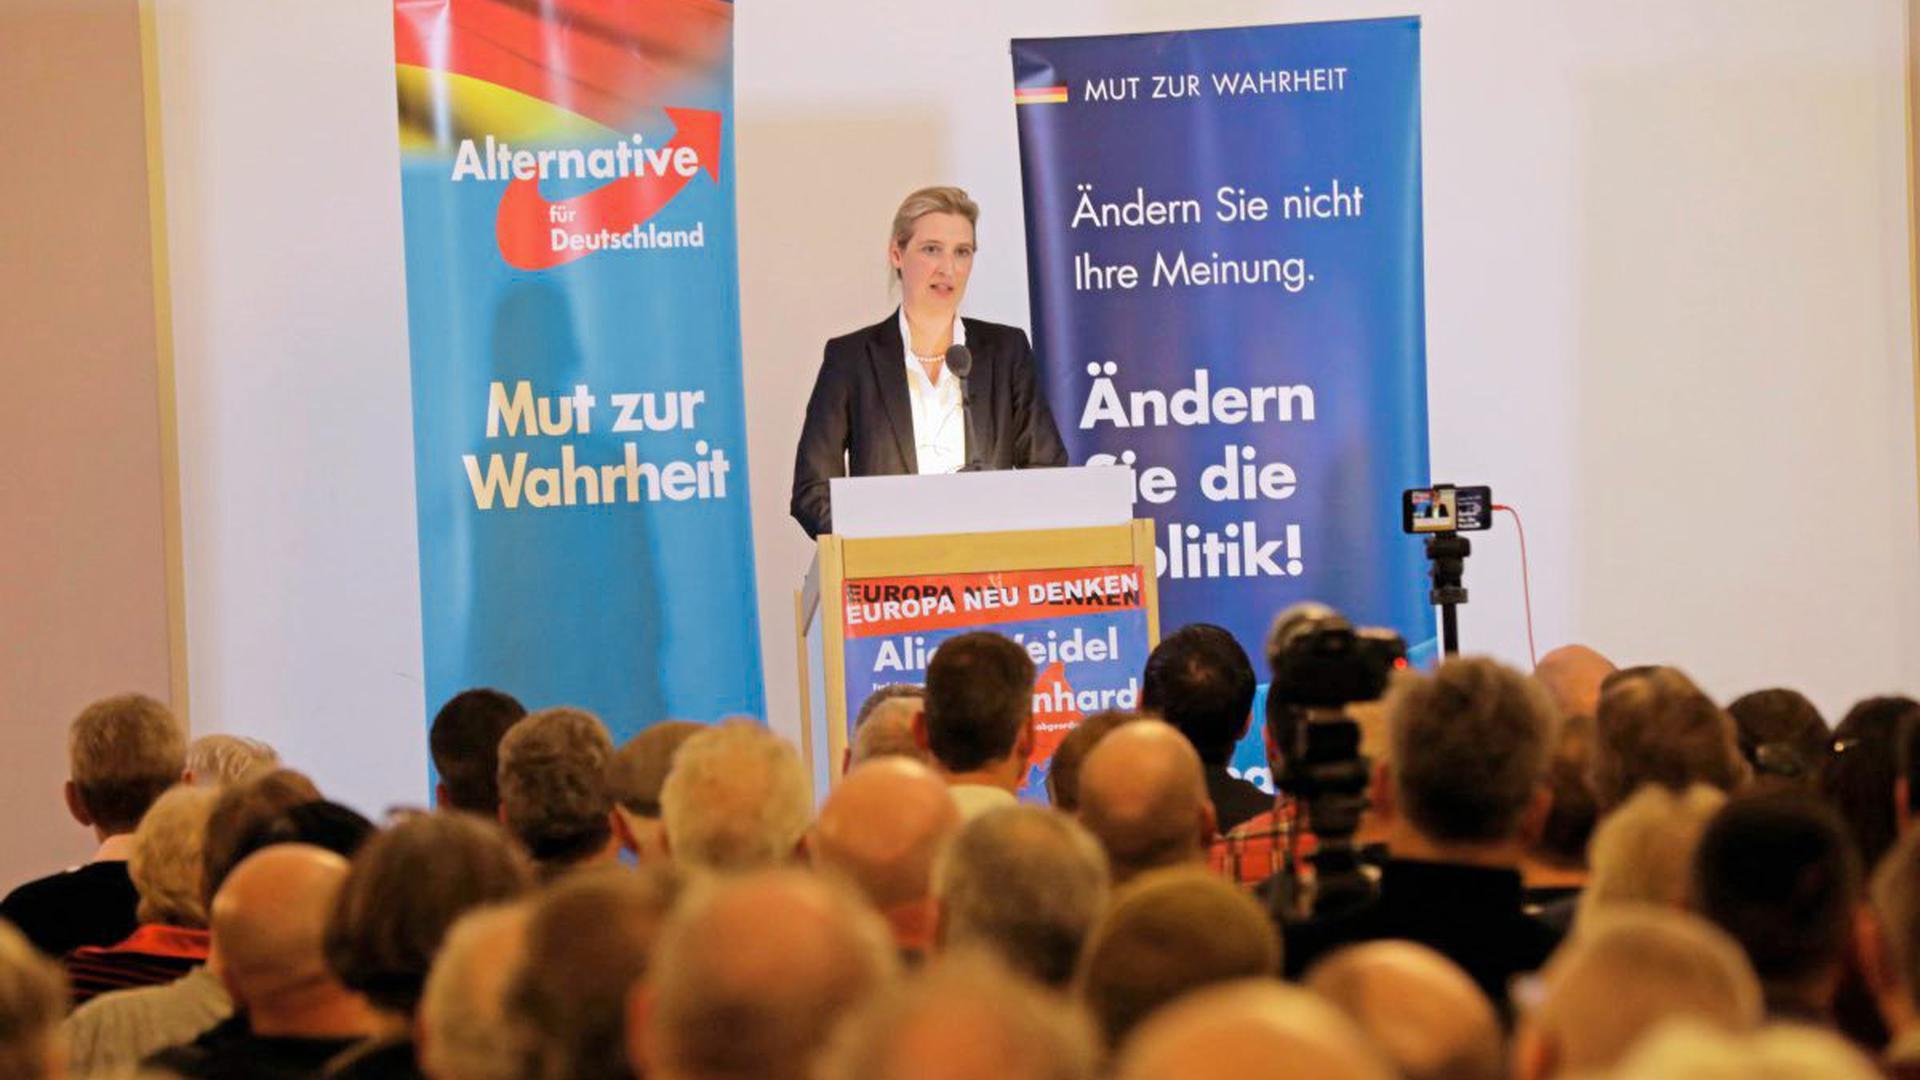 Während Fraktionschefin Alice Weidel zu den etwa 250 Besuchern sprach, demonstrierten draußen etwa 500 Menschen.